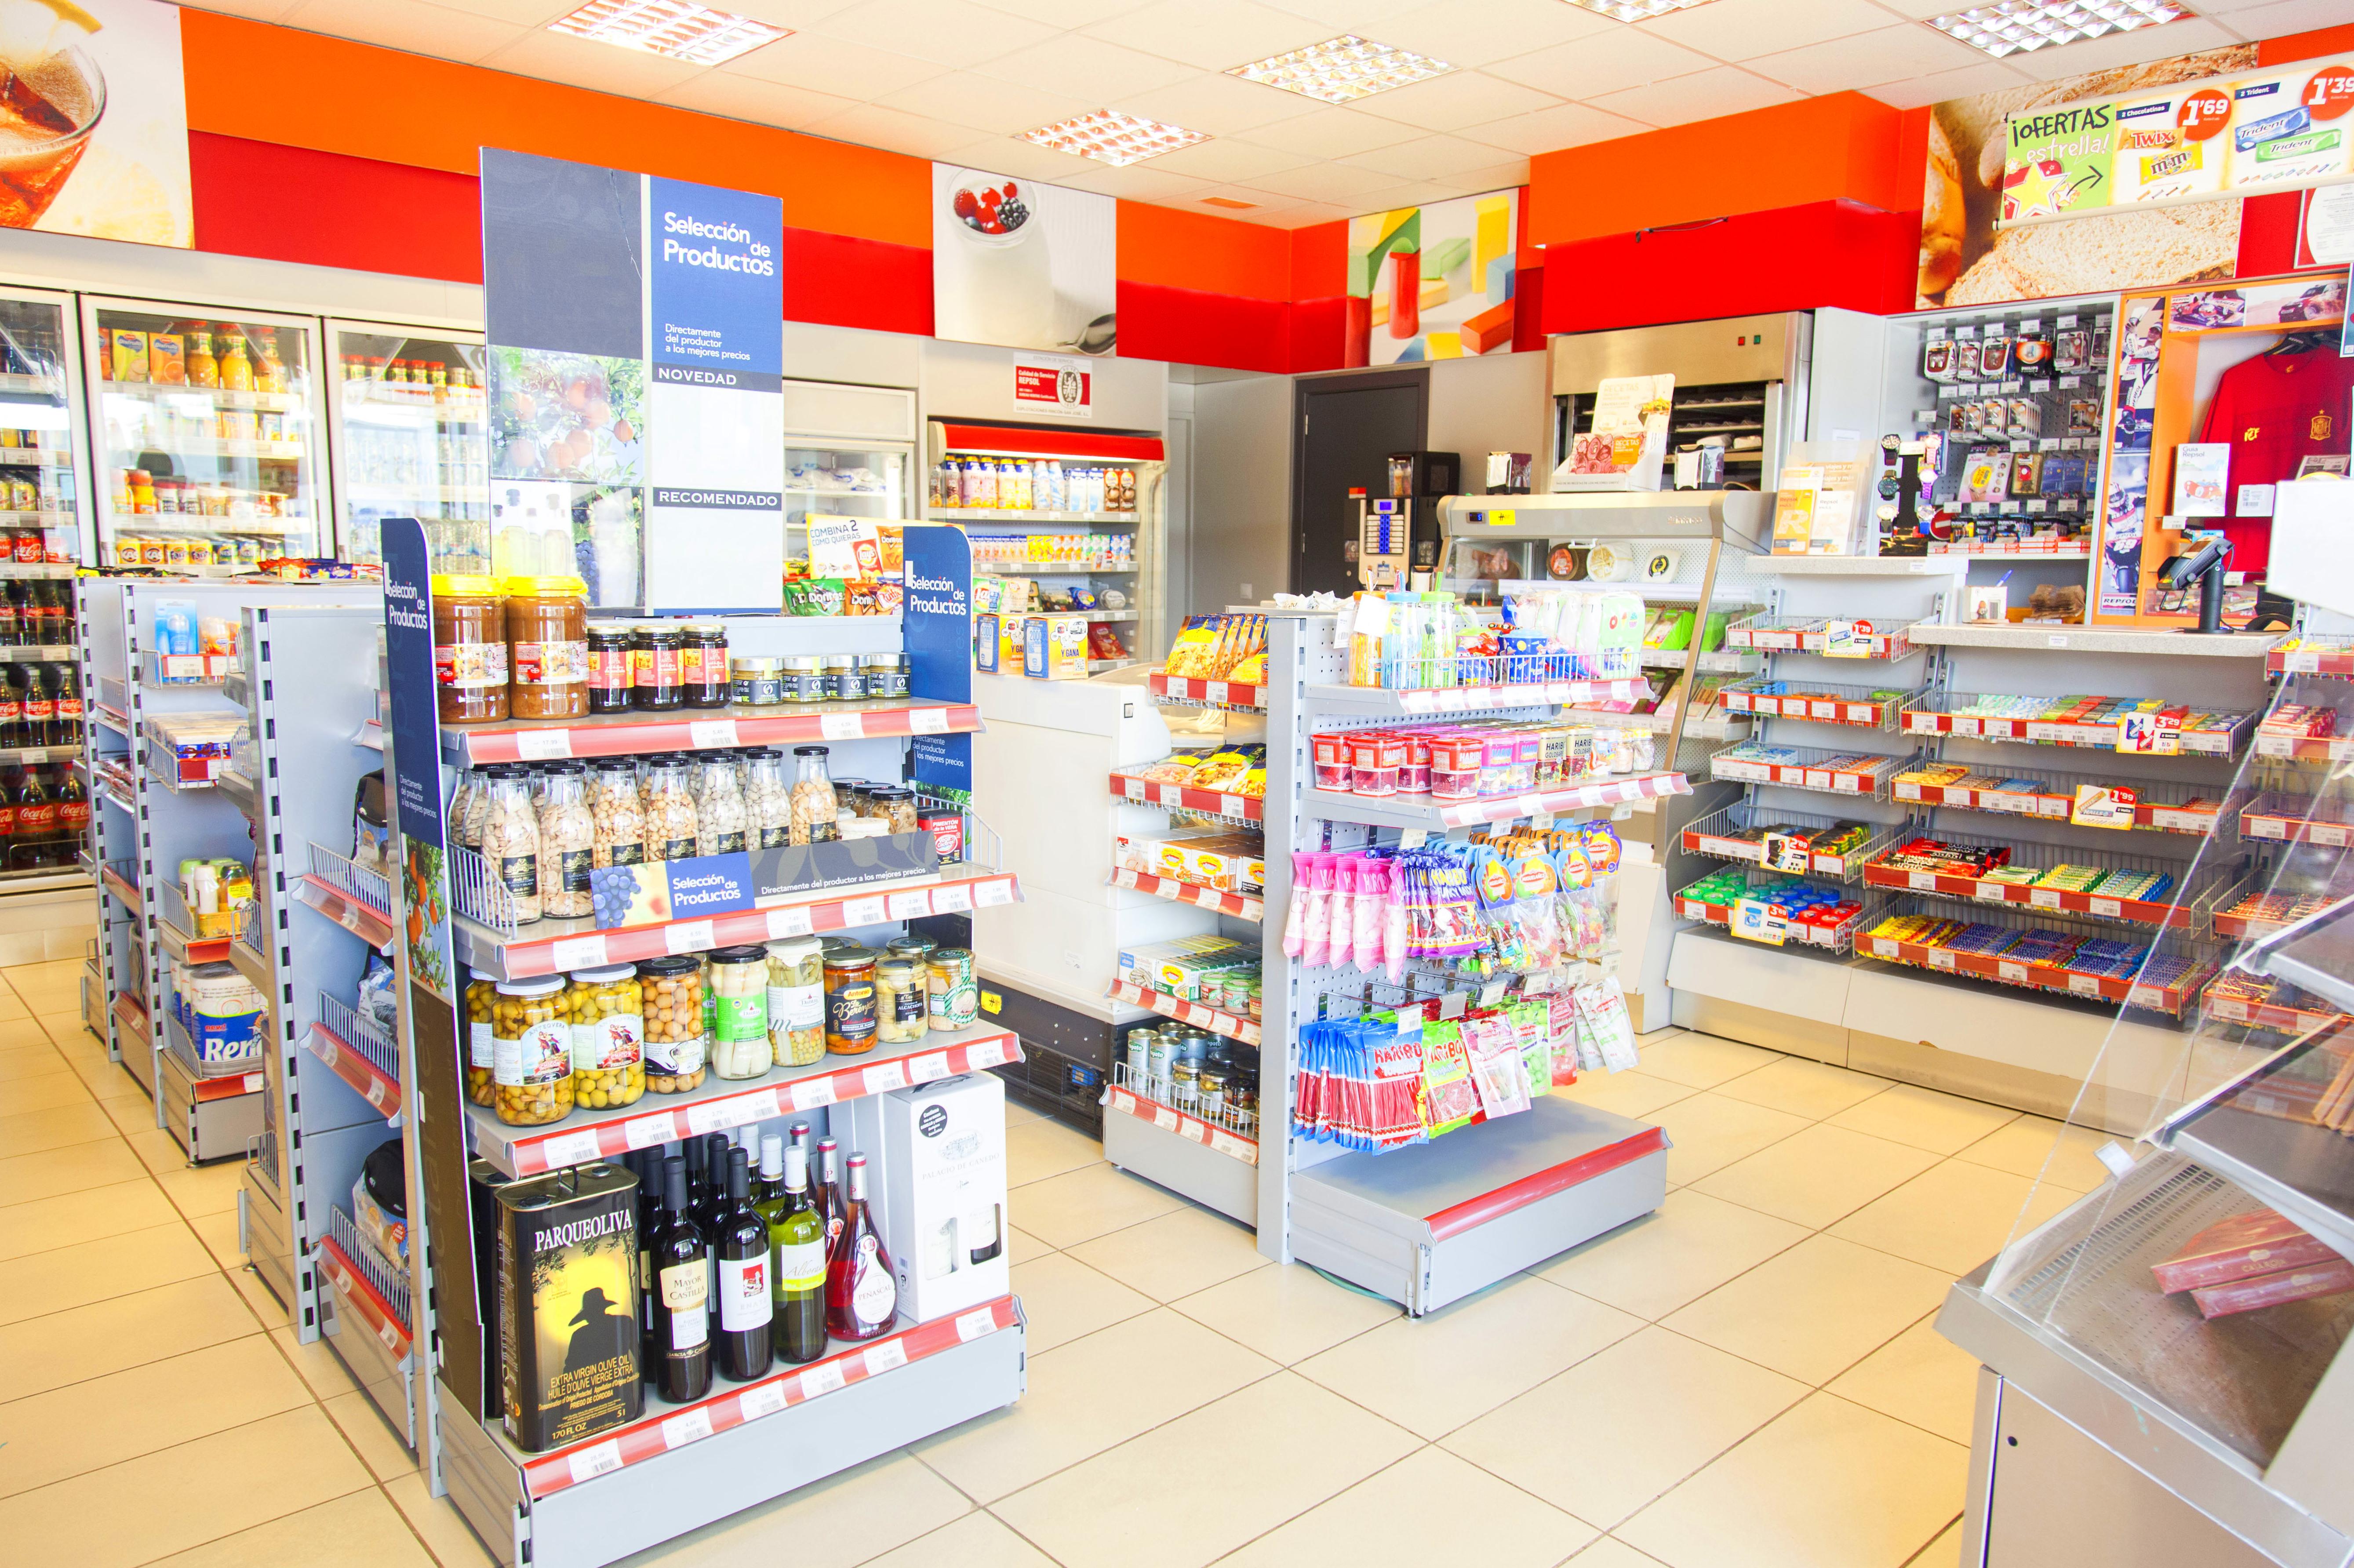 Tienda del Área de Servicio La Chamorra, Dueñas, Palencia